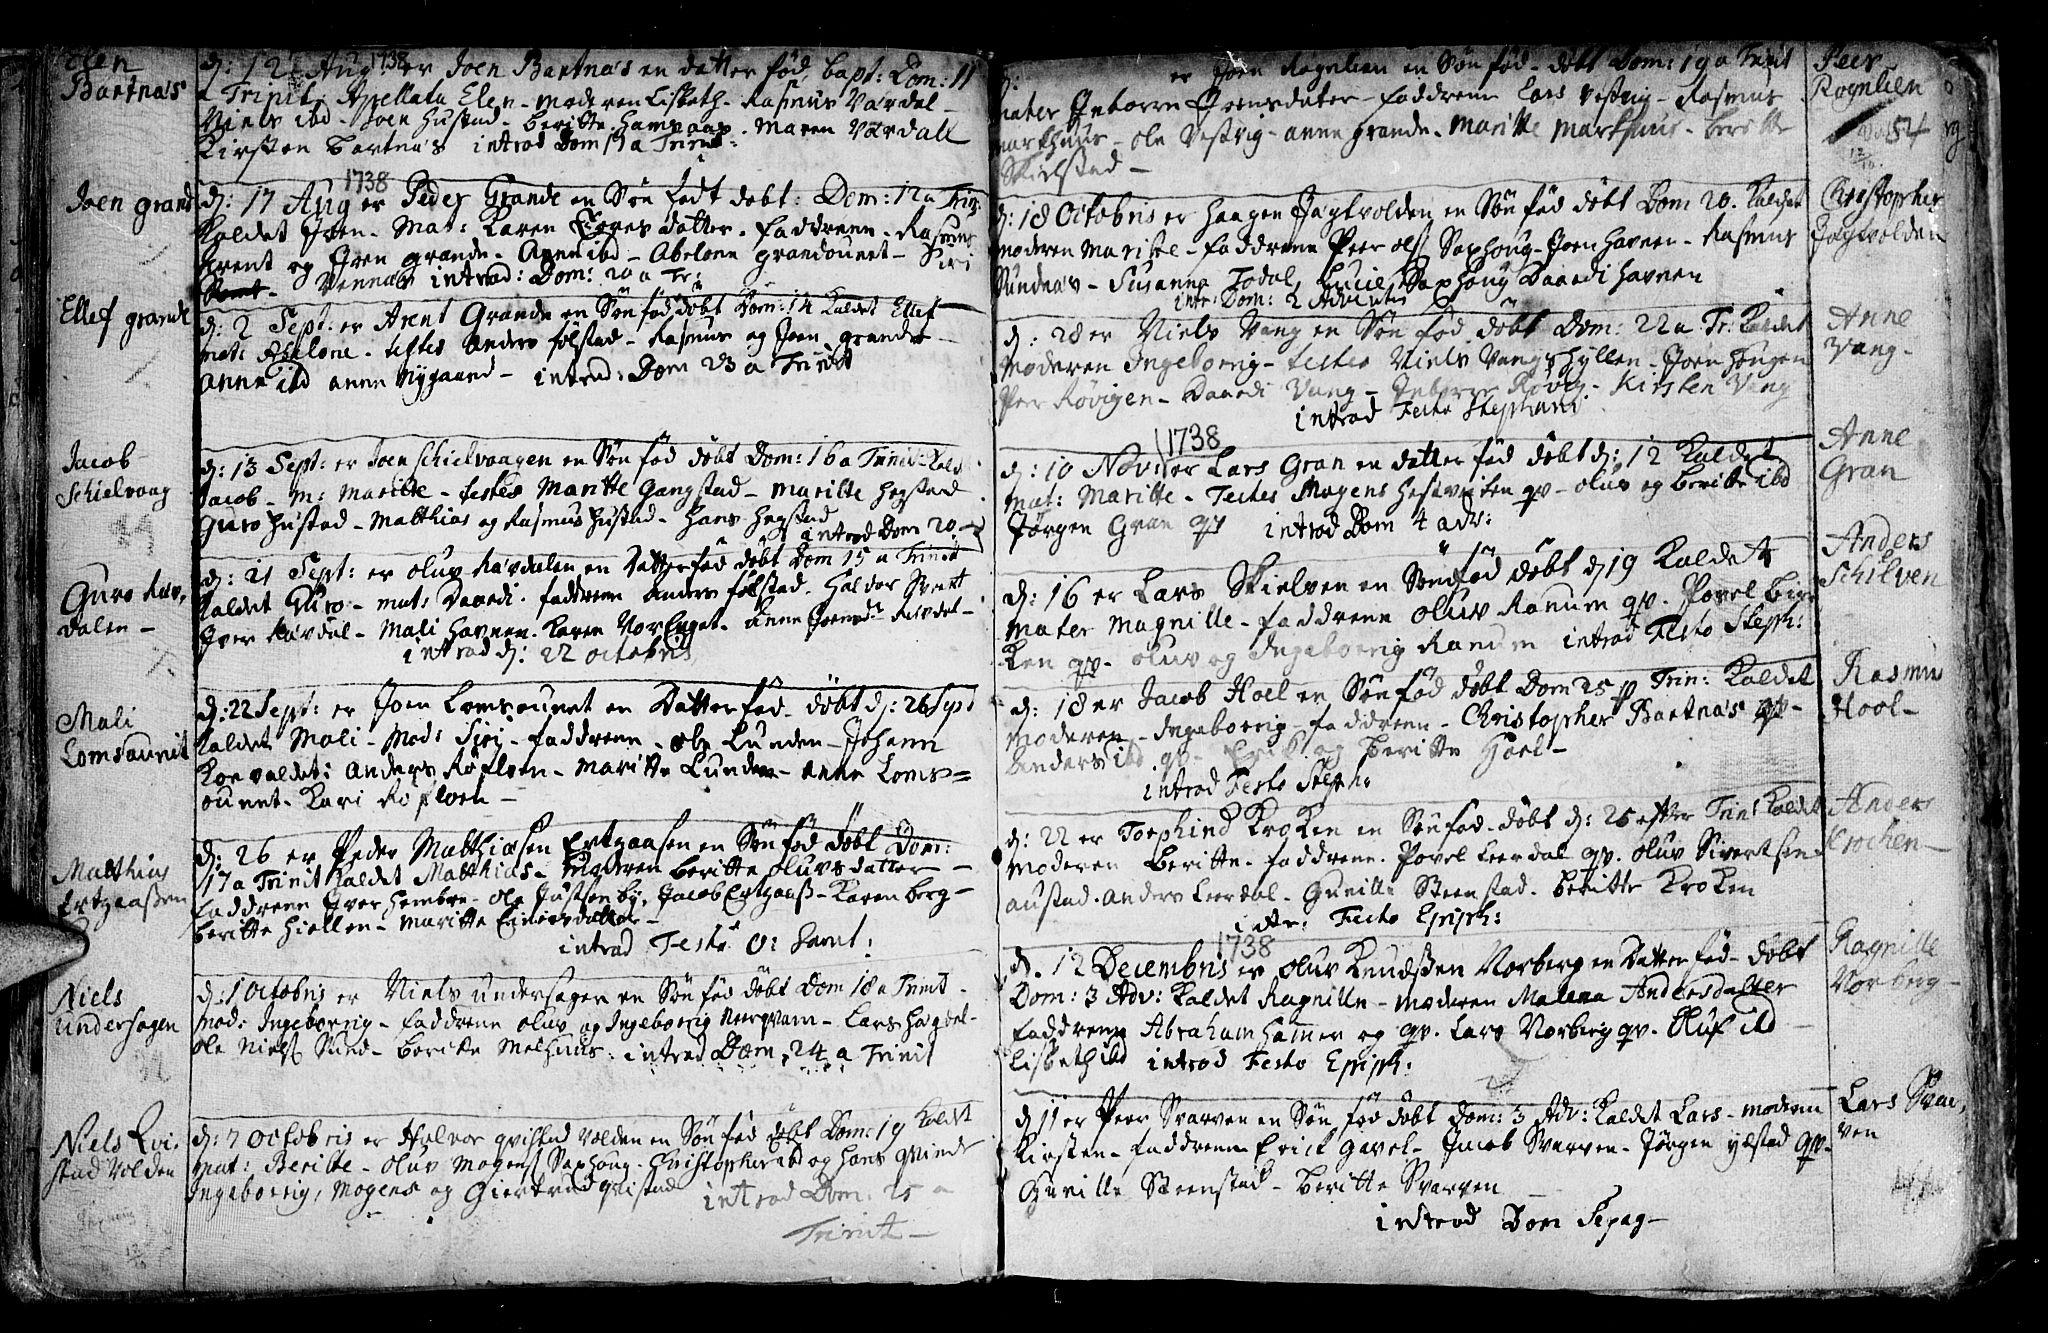 SAT, Ministerialprotokoller, klokkerbøker og fødselsregistre - Nord-Trøndelag, 730/L0272: Ministerialbok nr. 730A01, 1733-1764, s. 54